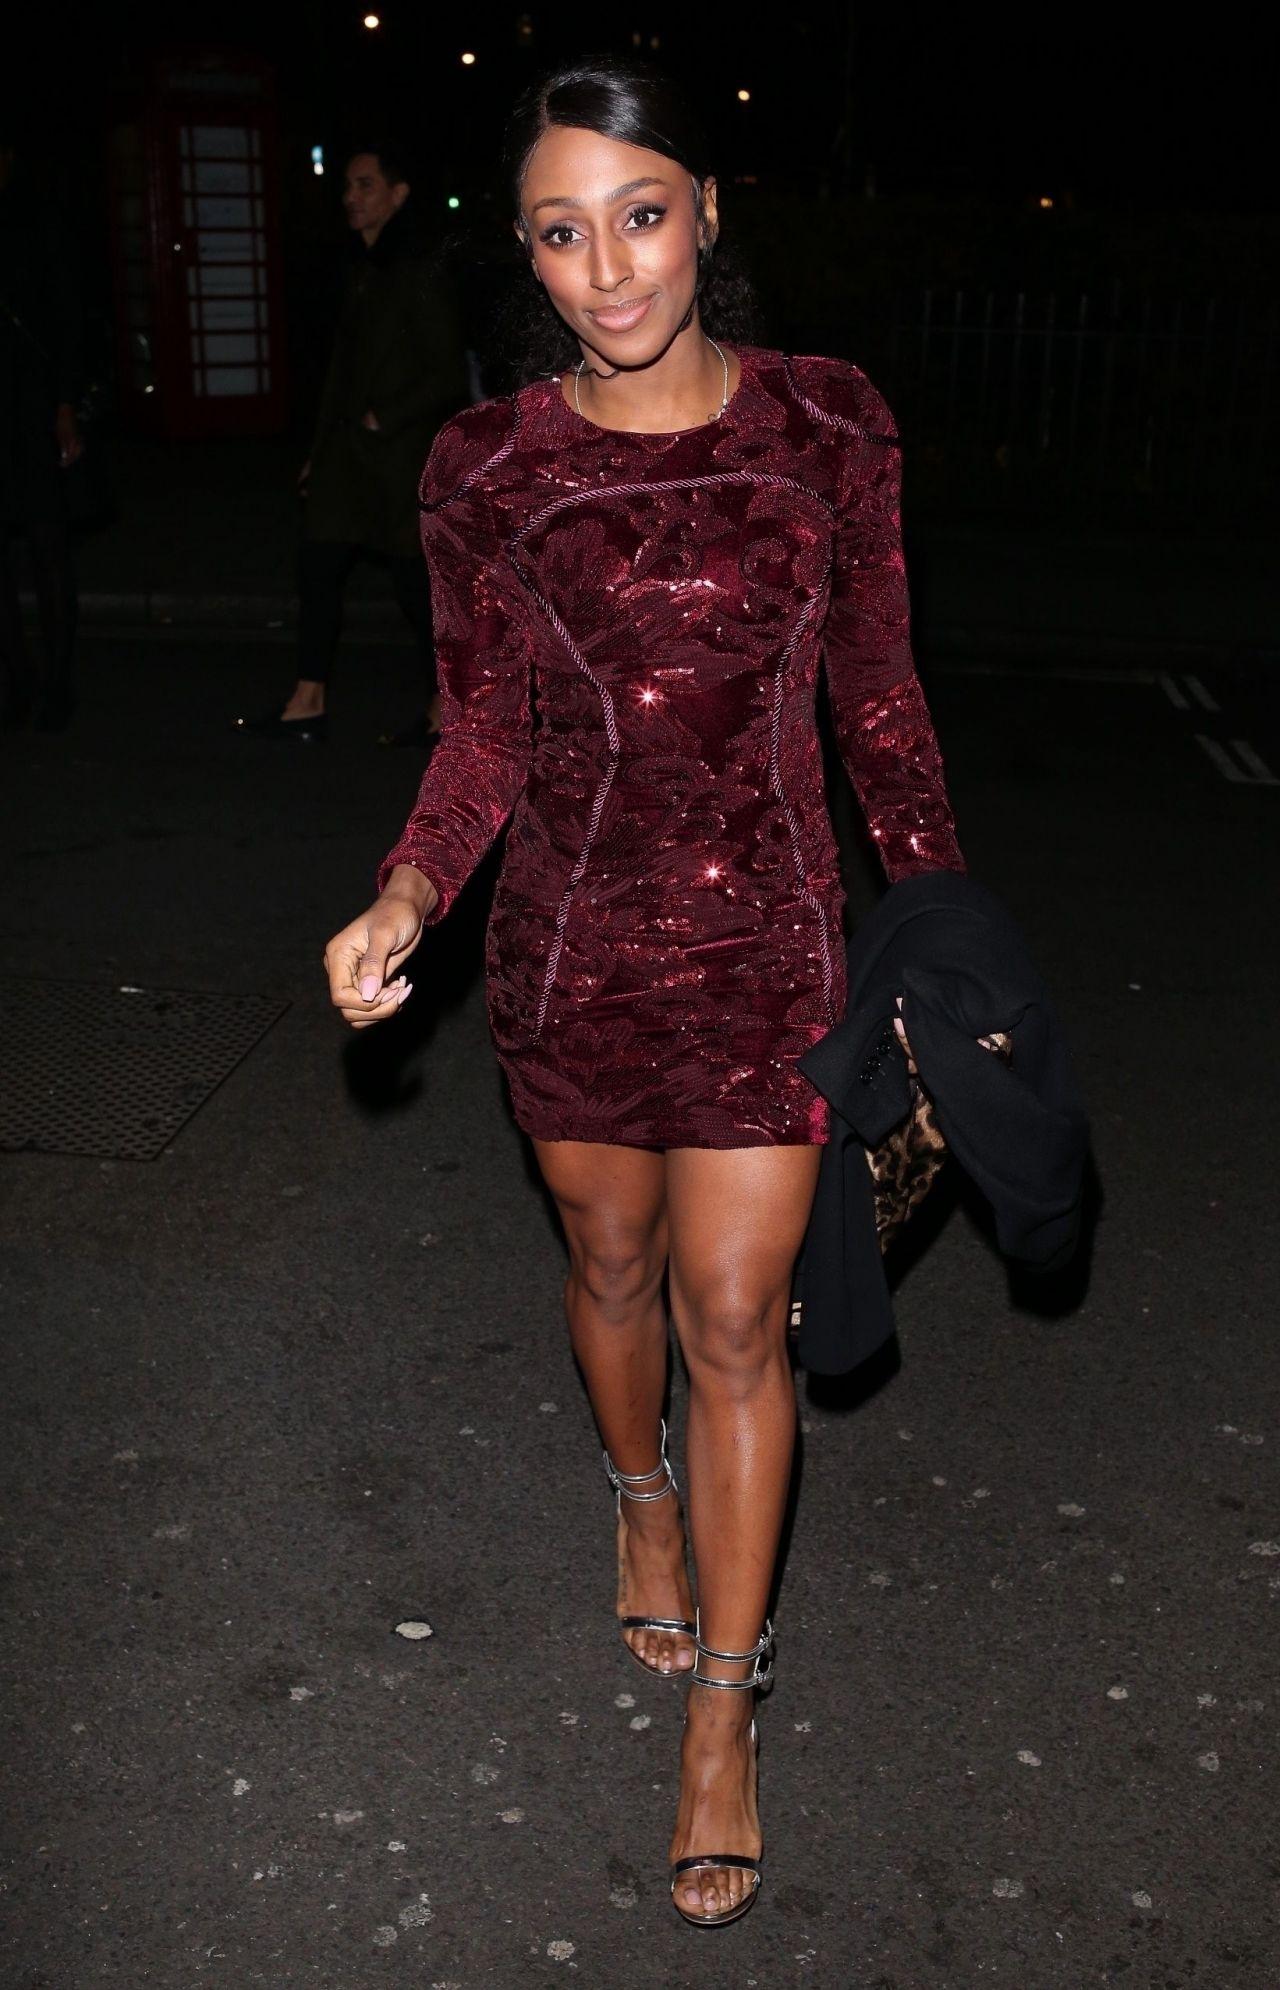 Alexandra Burke Night Out Style - London 12/23/2017